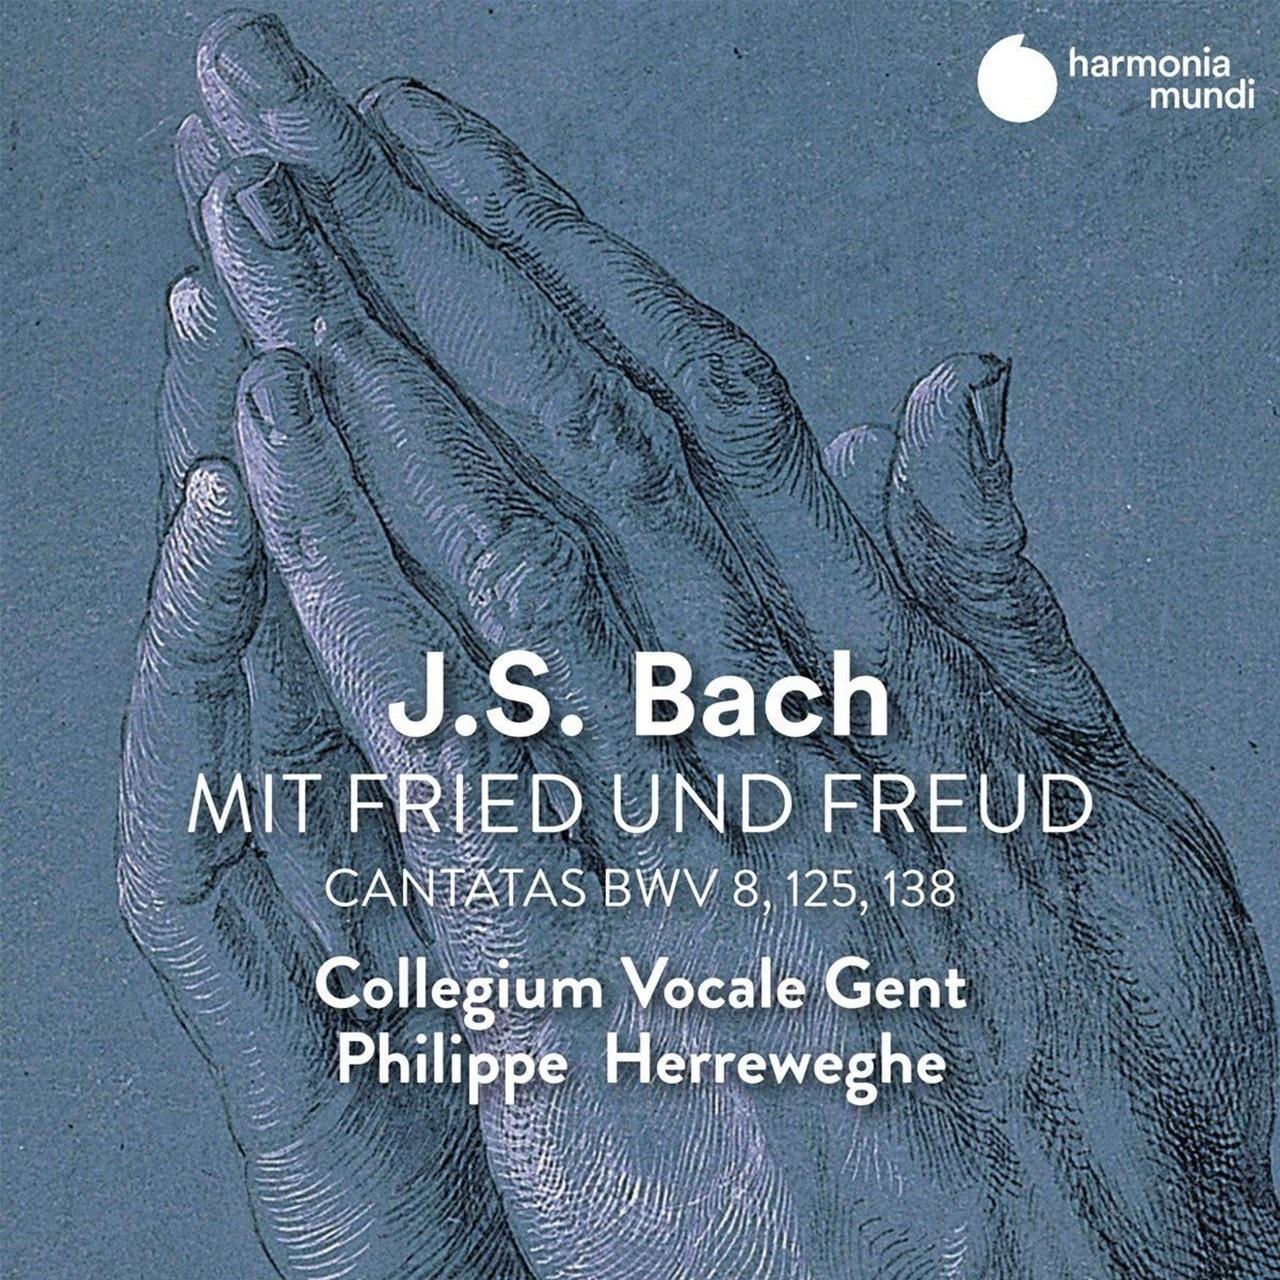 J.S. Bach: Mit Fried Und Freud: Cantatas, BWV8, 125, 138 - 1